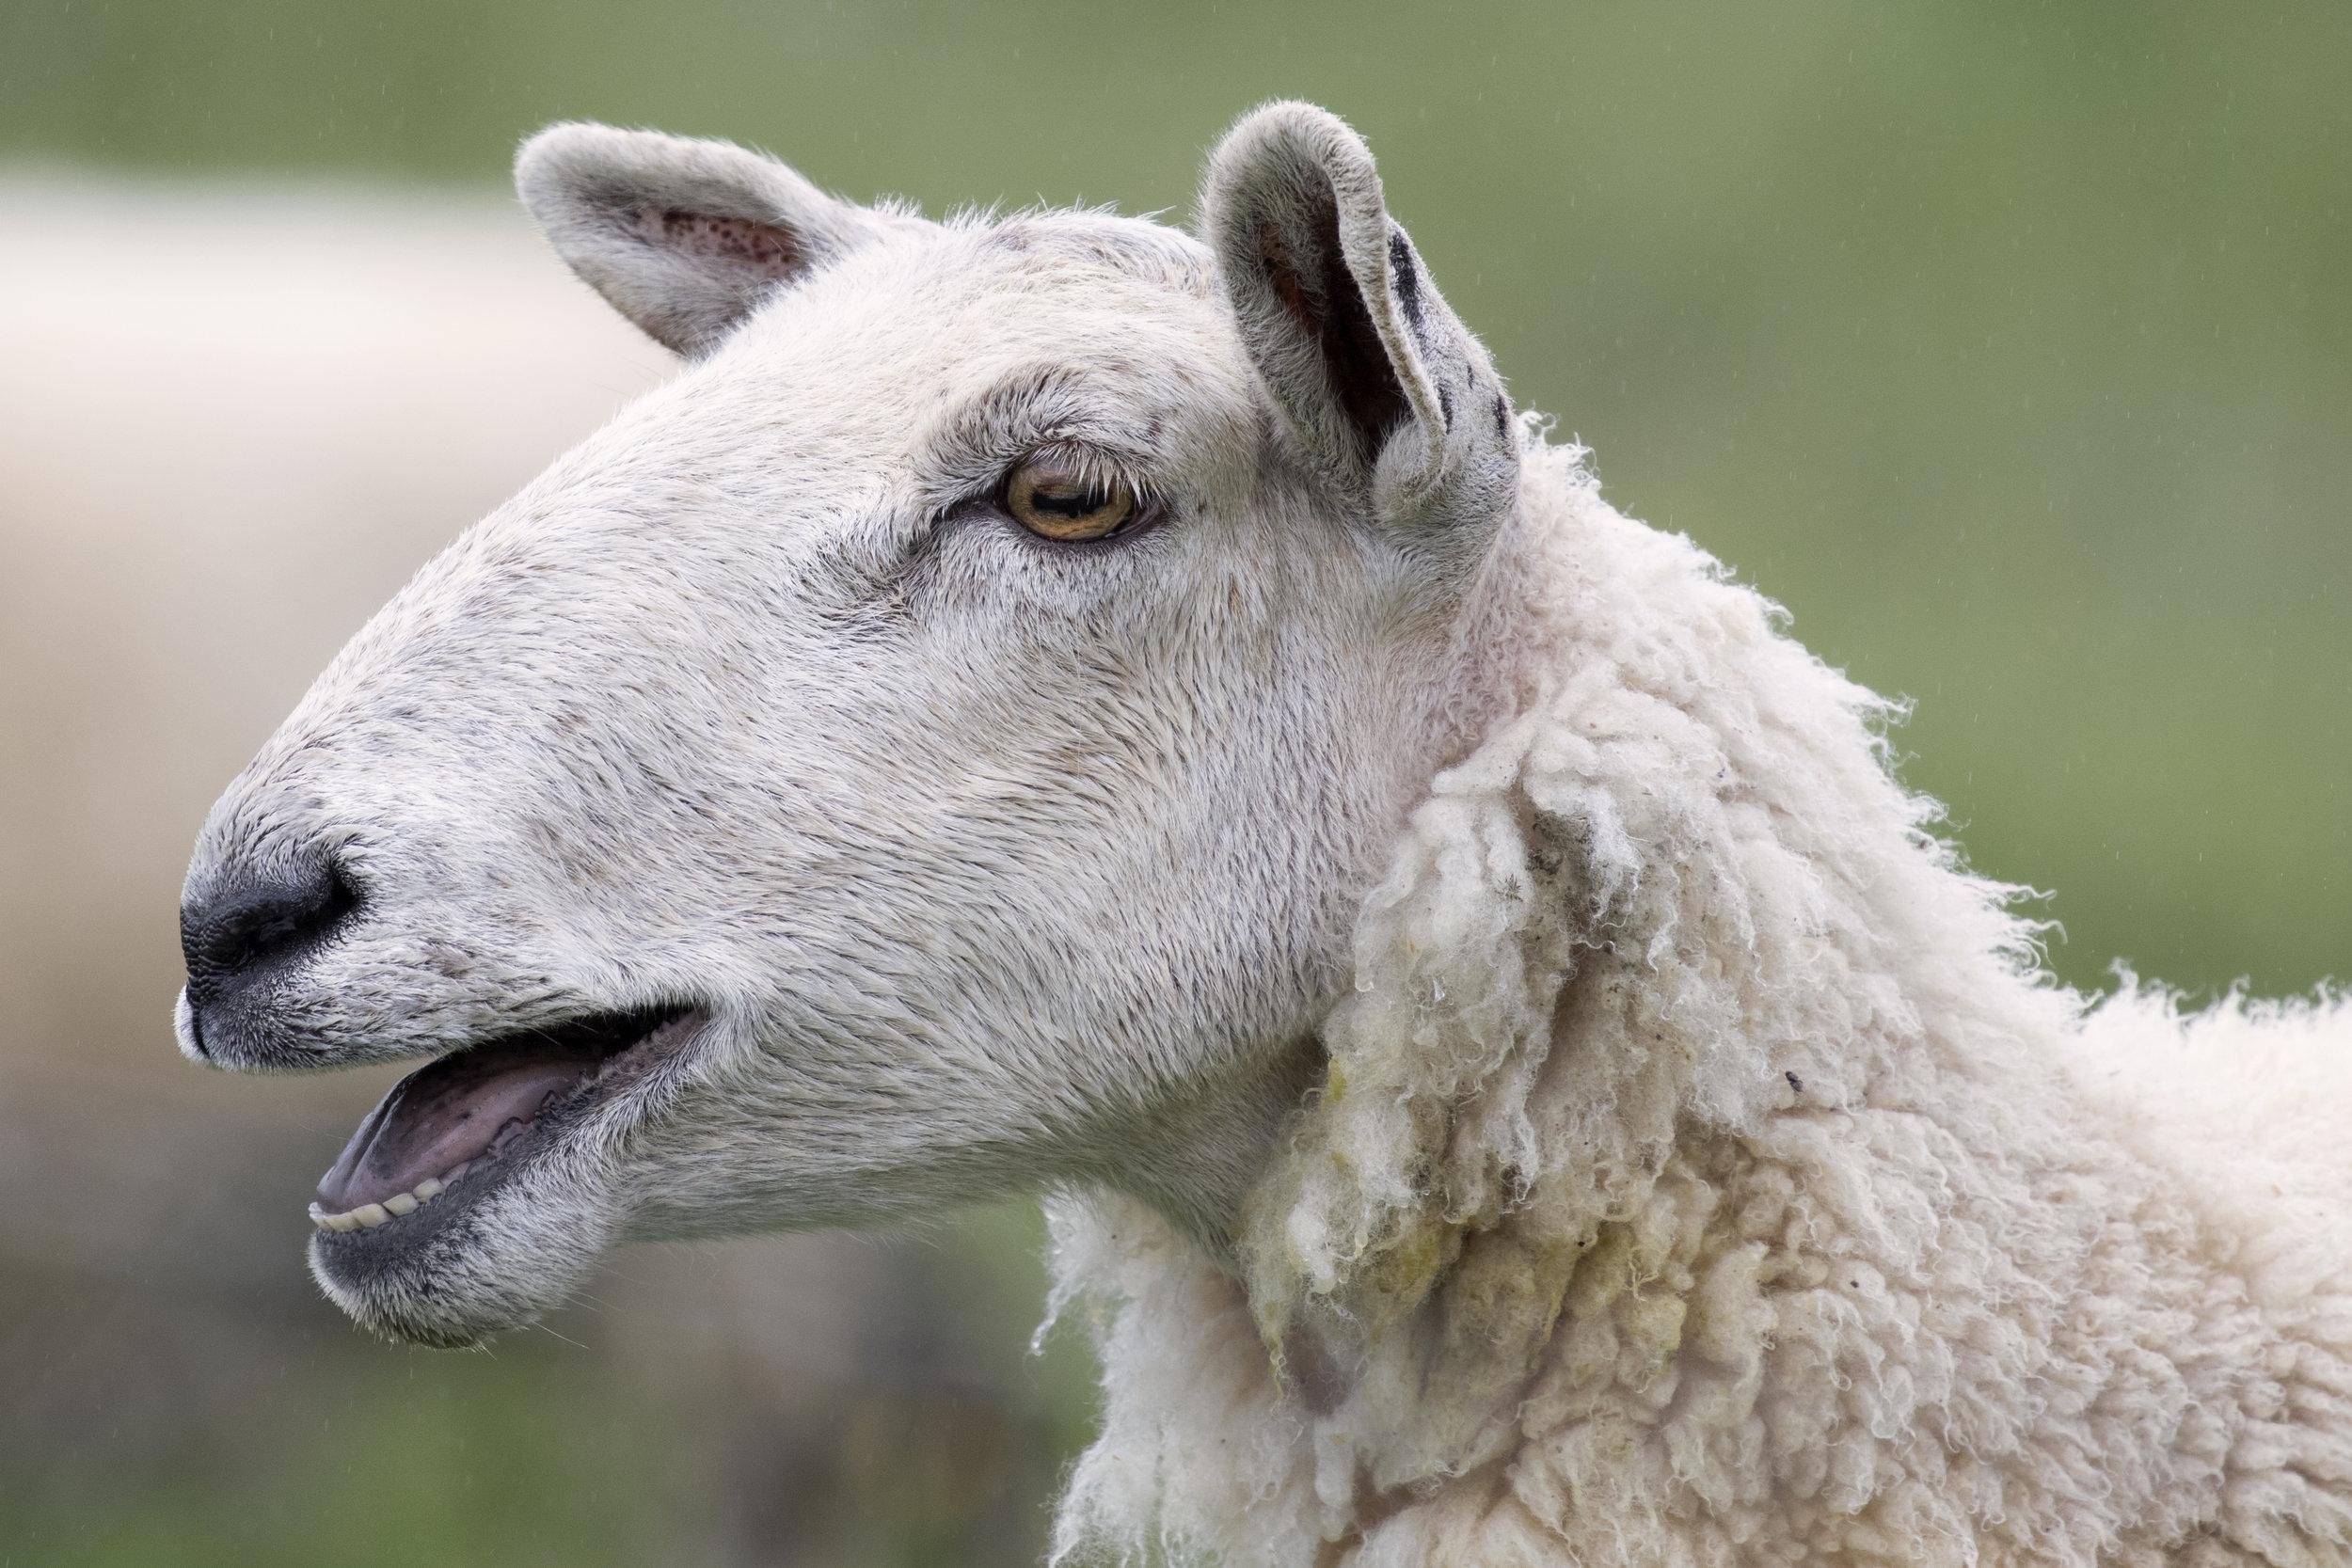 Newfoundland Sheep - Across the Blue Planet